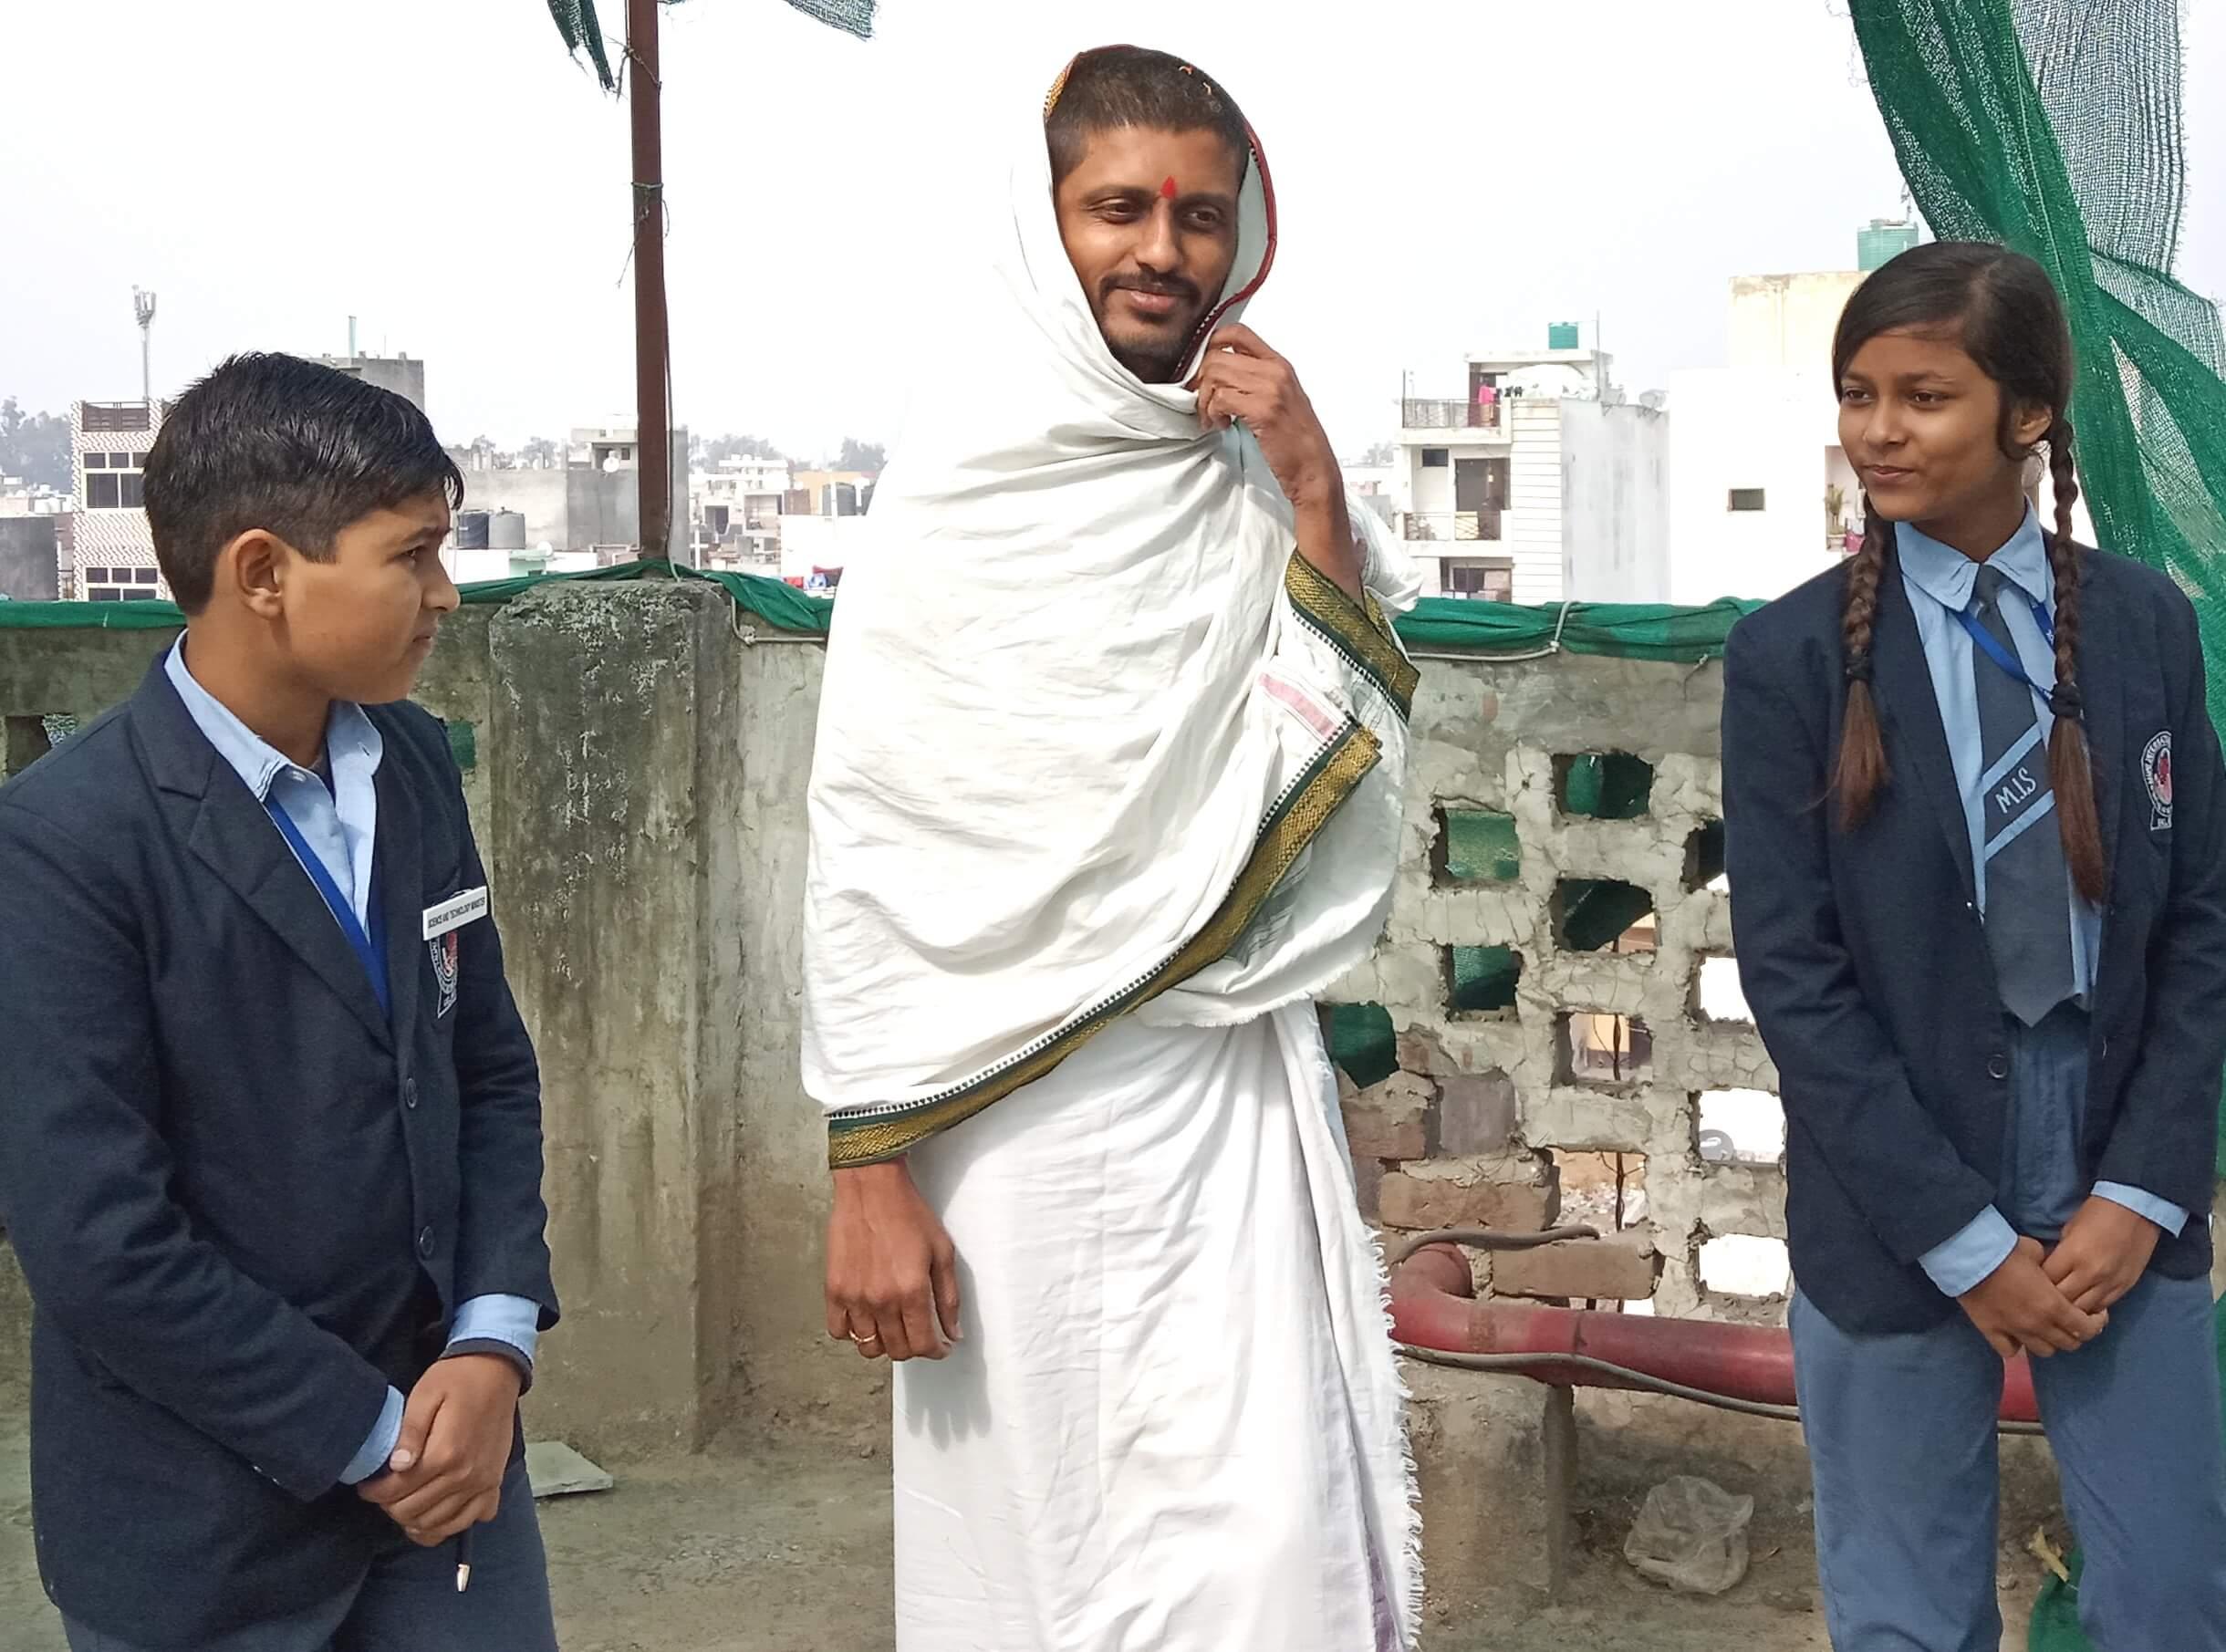 मुंबई व दिल्ली के शिक्षाविदों ने जानी मुनि स्कूल की शिक्षण पद्दति